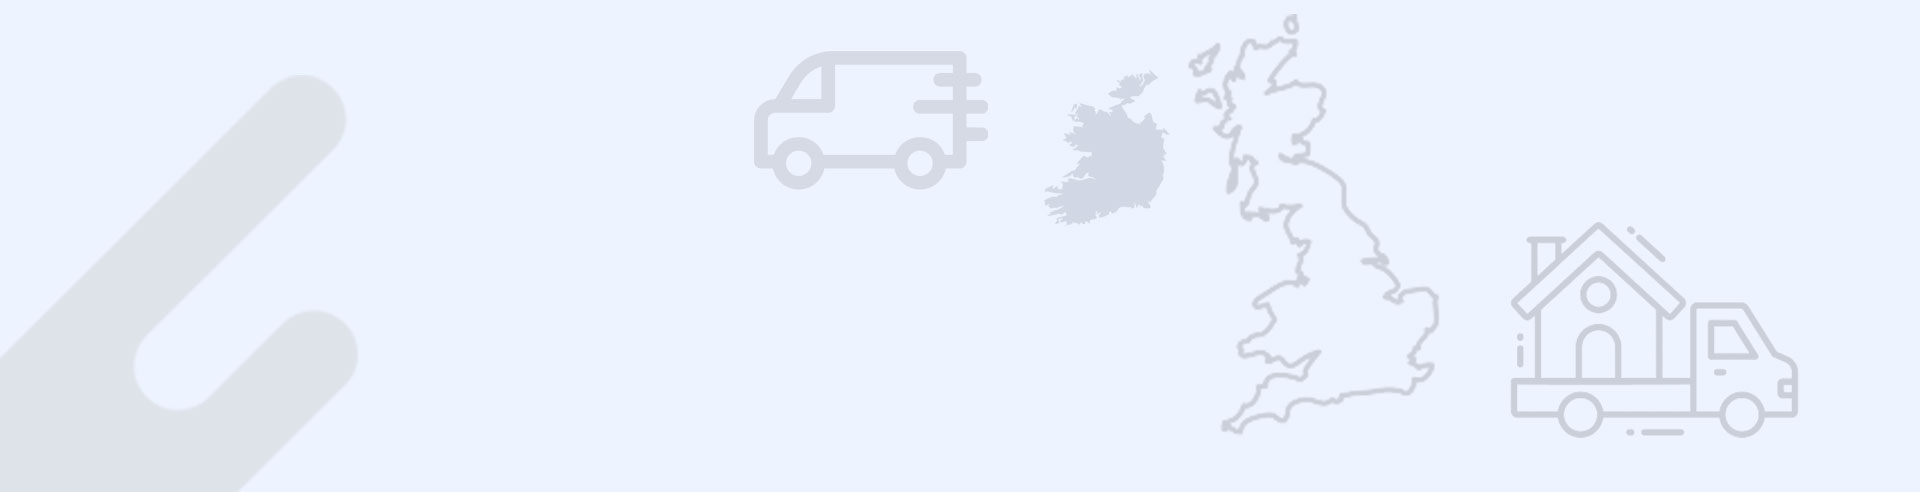 Moving Company Ireland UK International